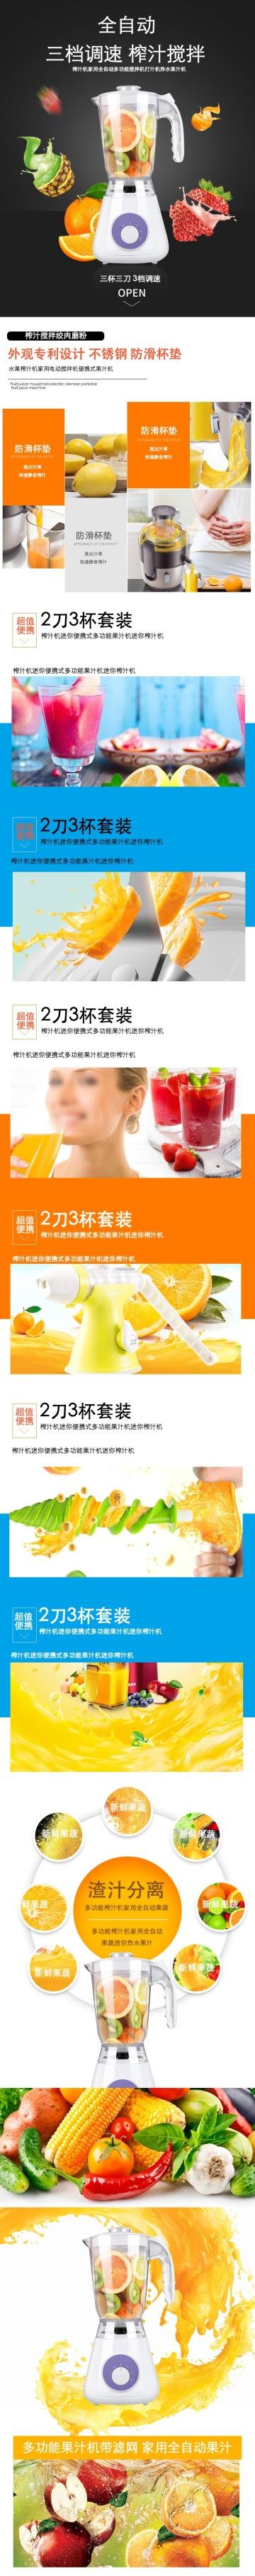 清新简约时尚榨汁机电商详情图